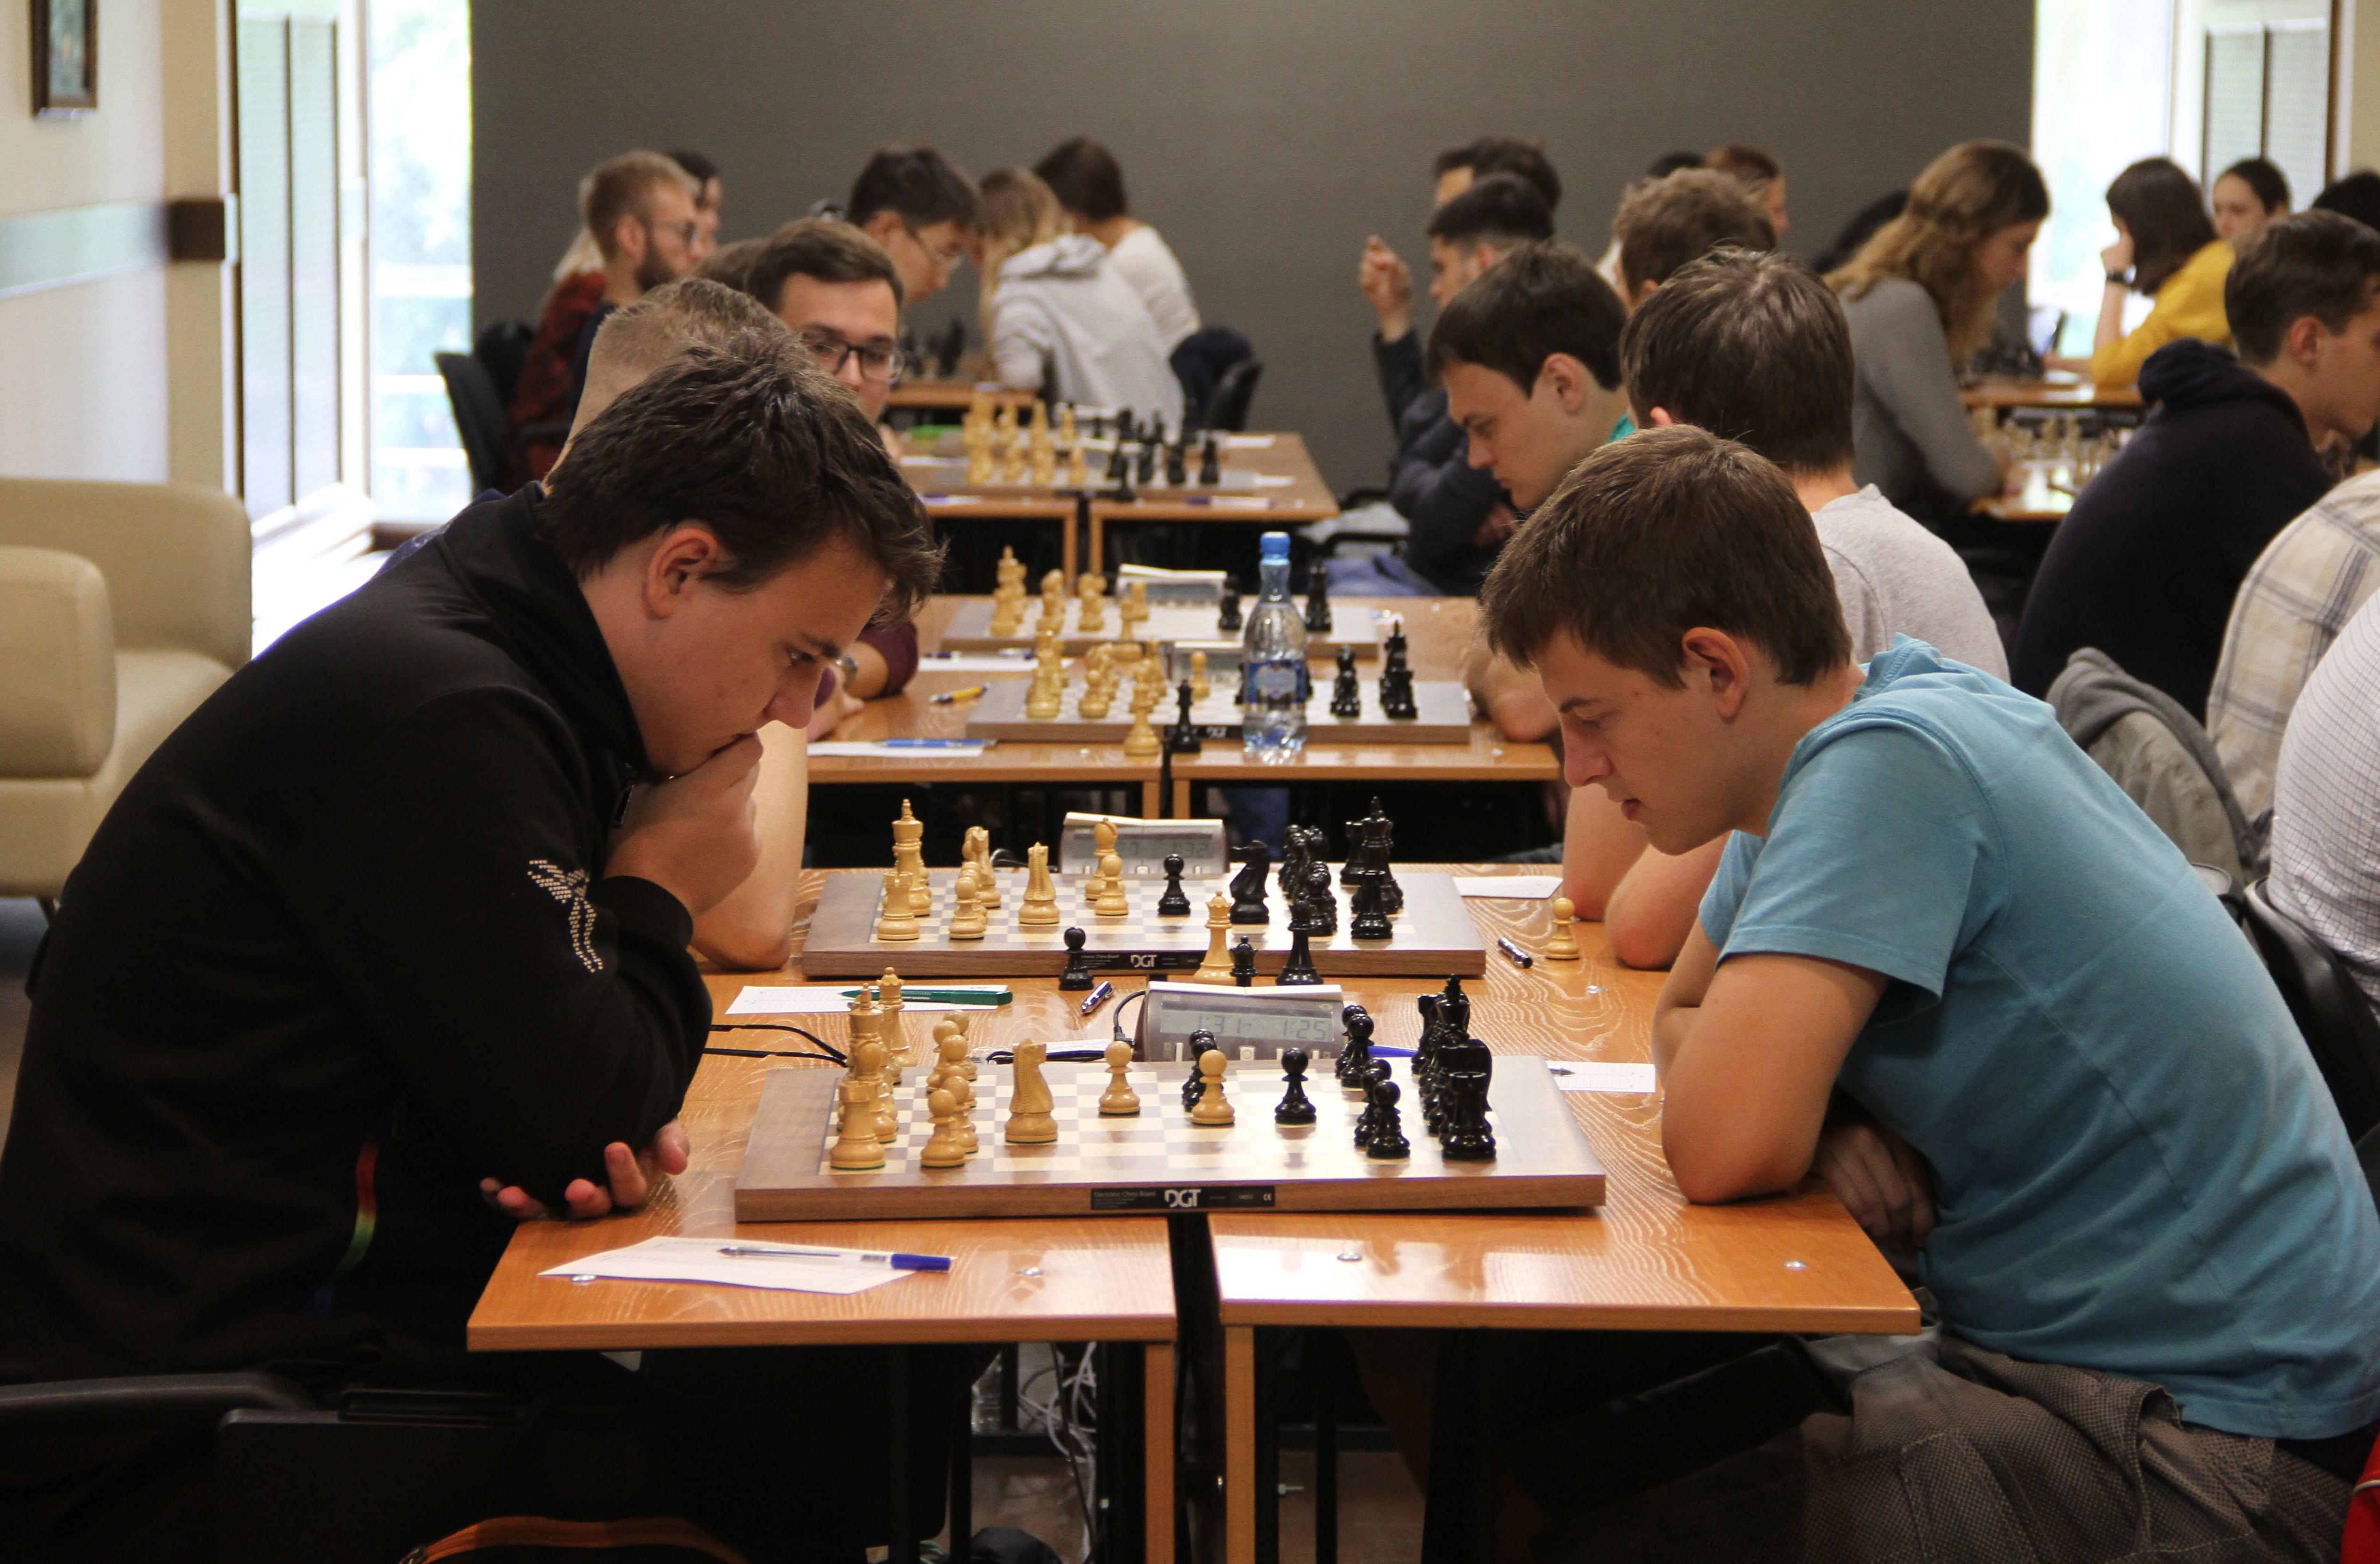 туров первенство алтайского края по шахматам фото настоящее